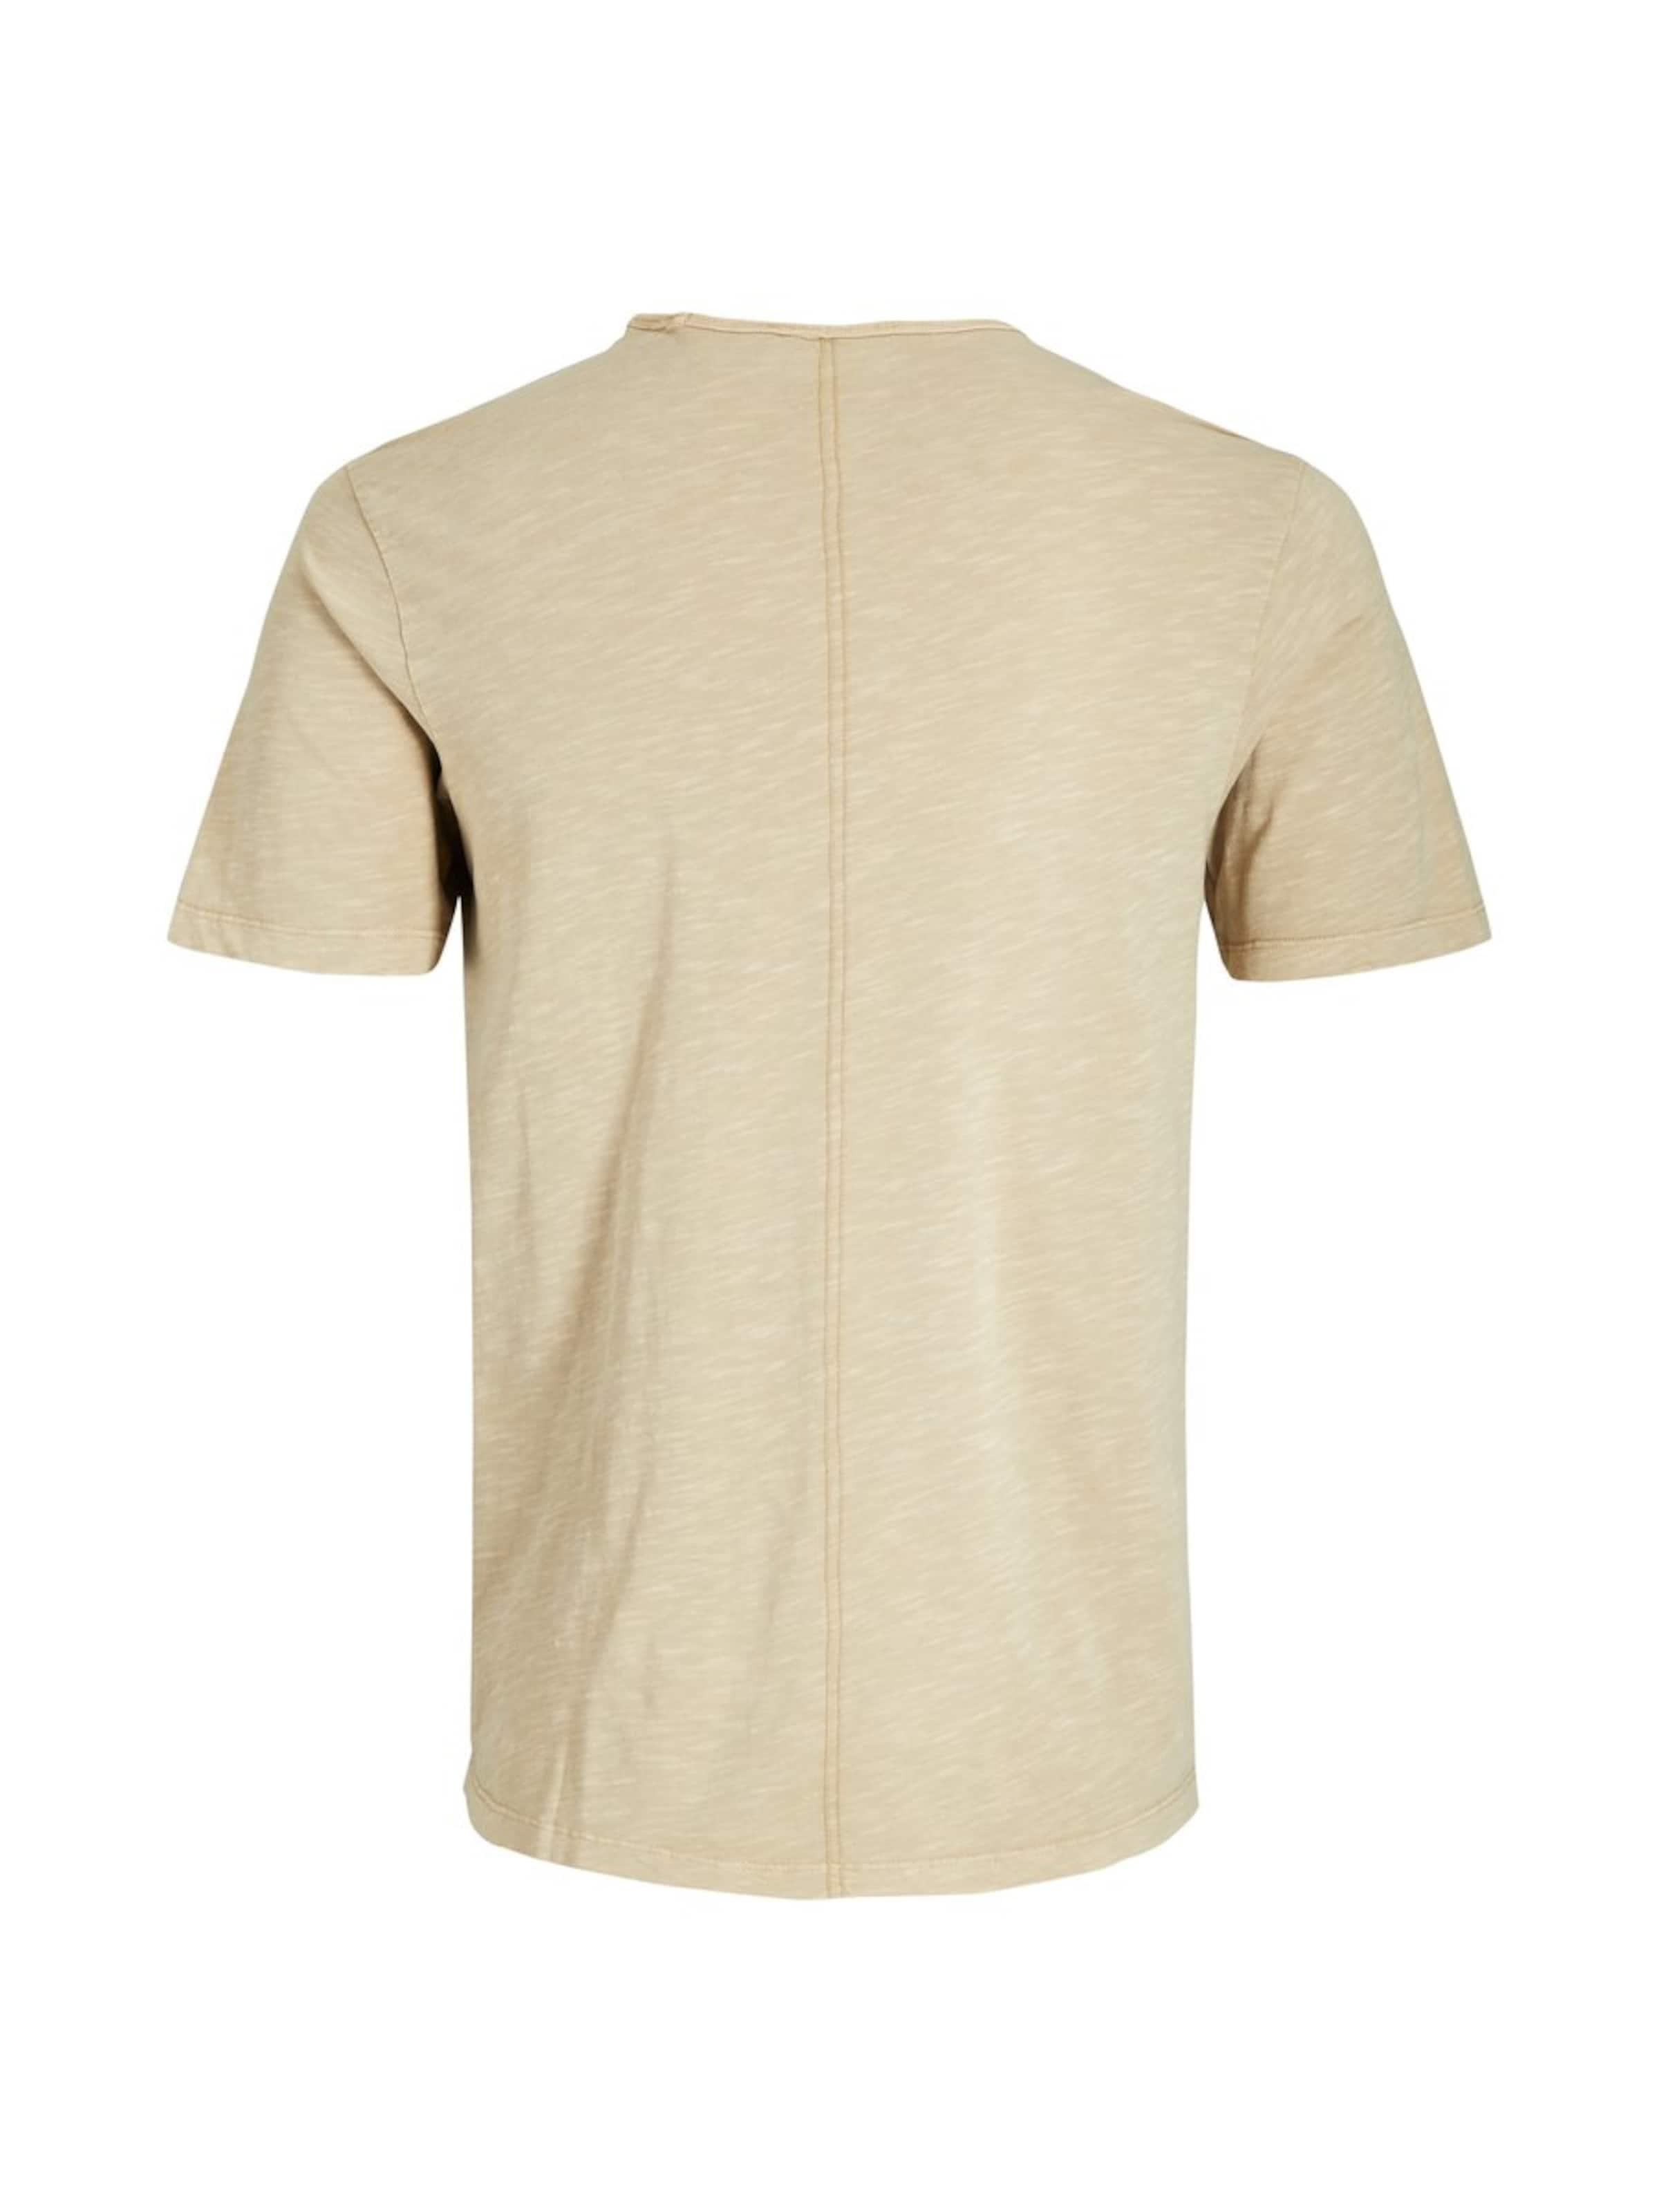 Beige En Jones shirt Jackamp; T orxBeCWd